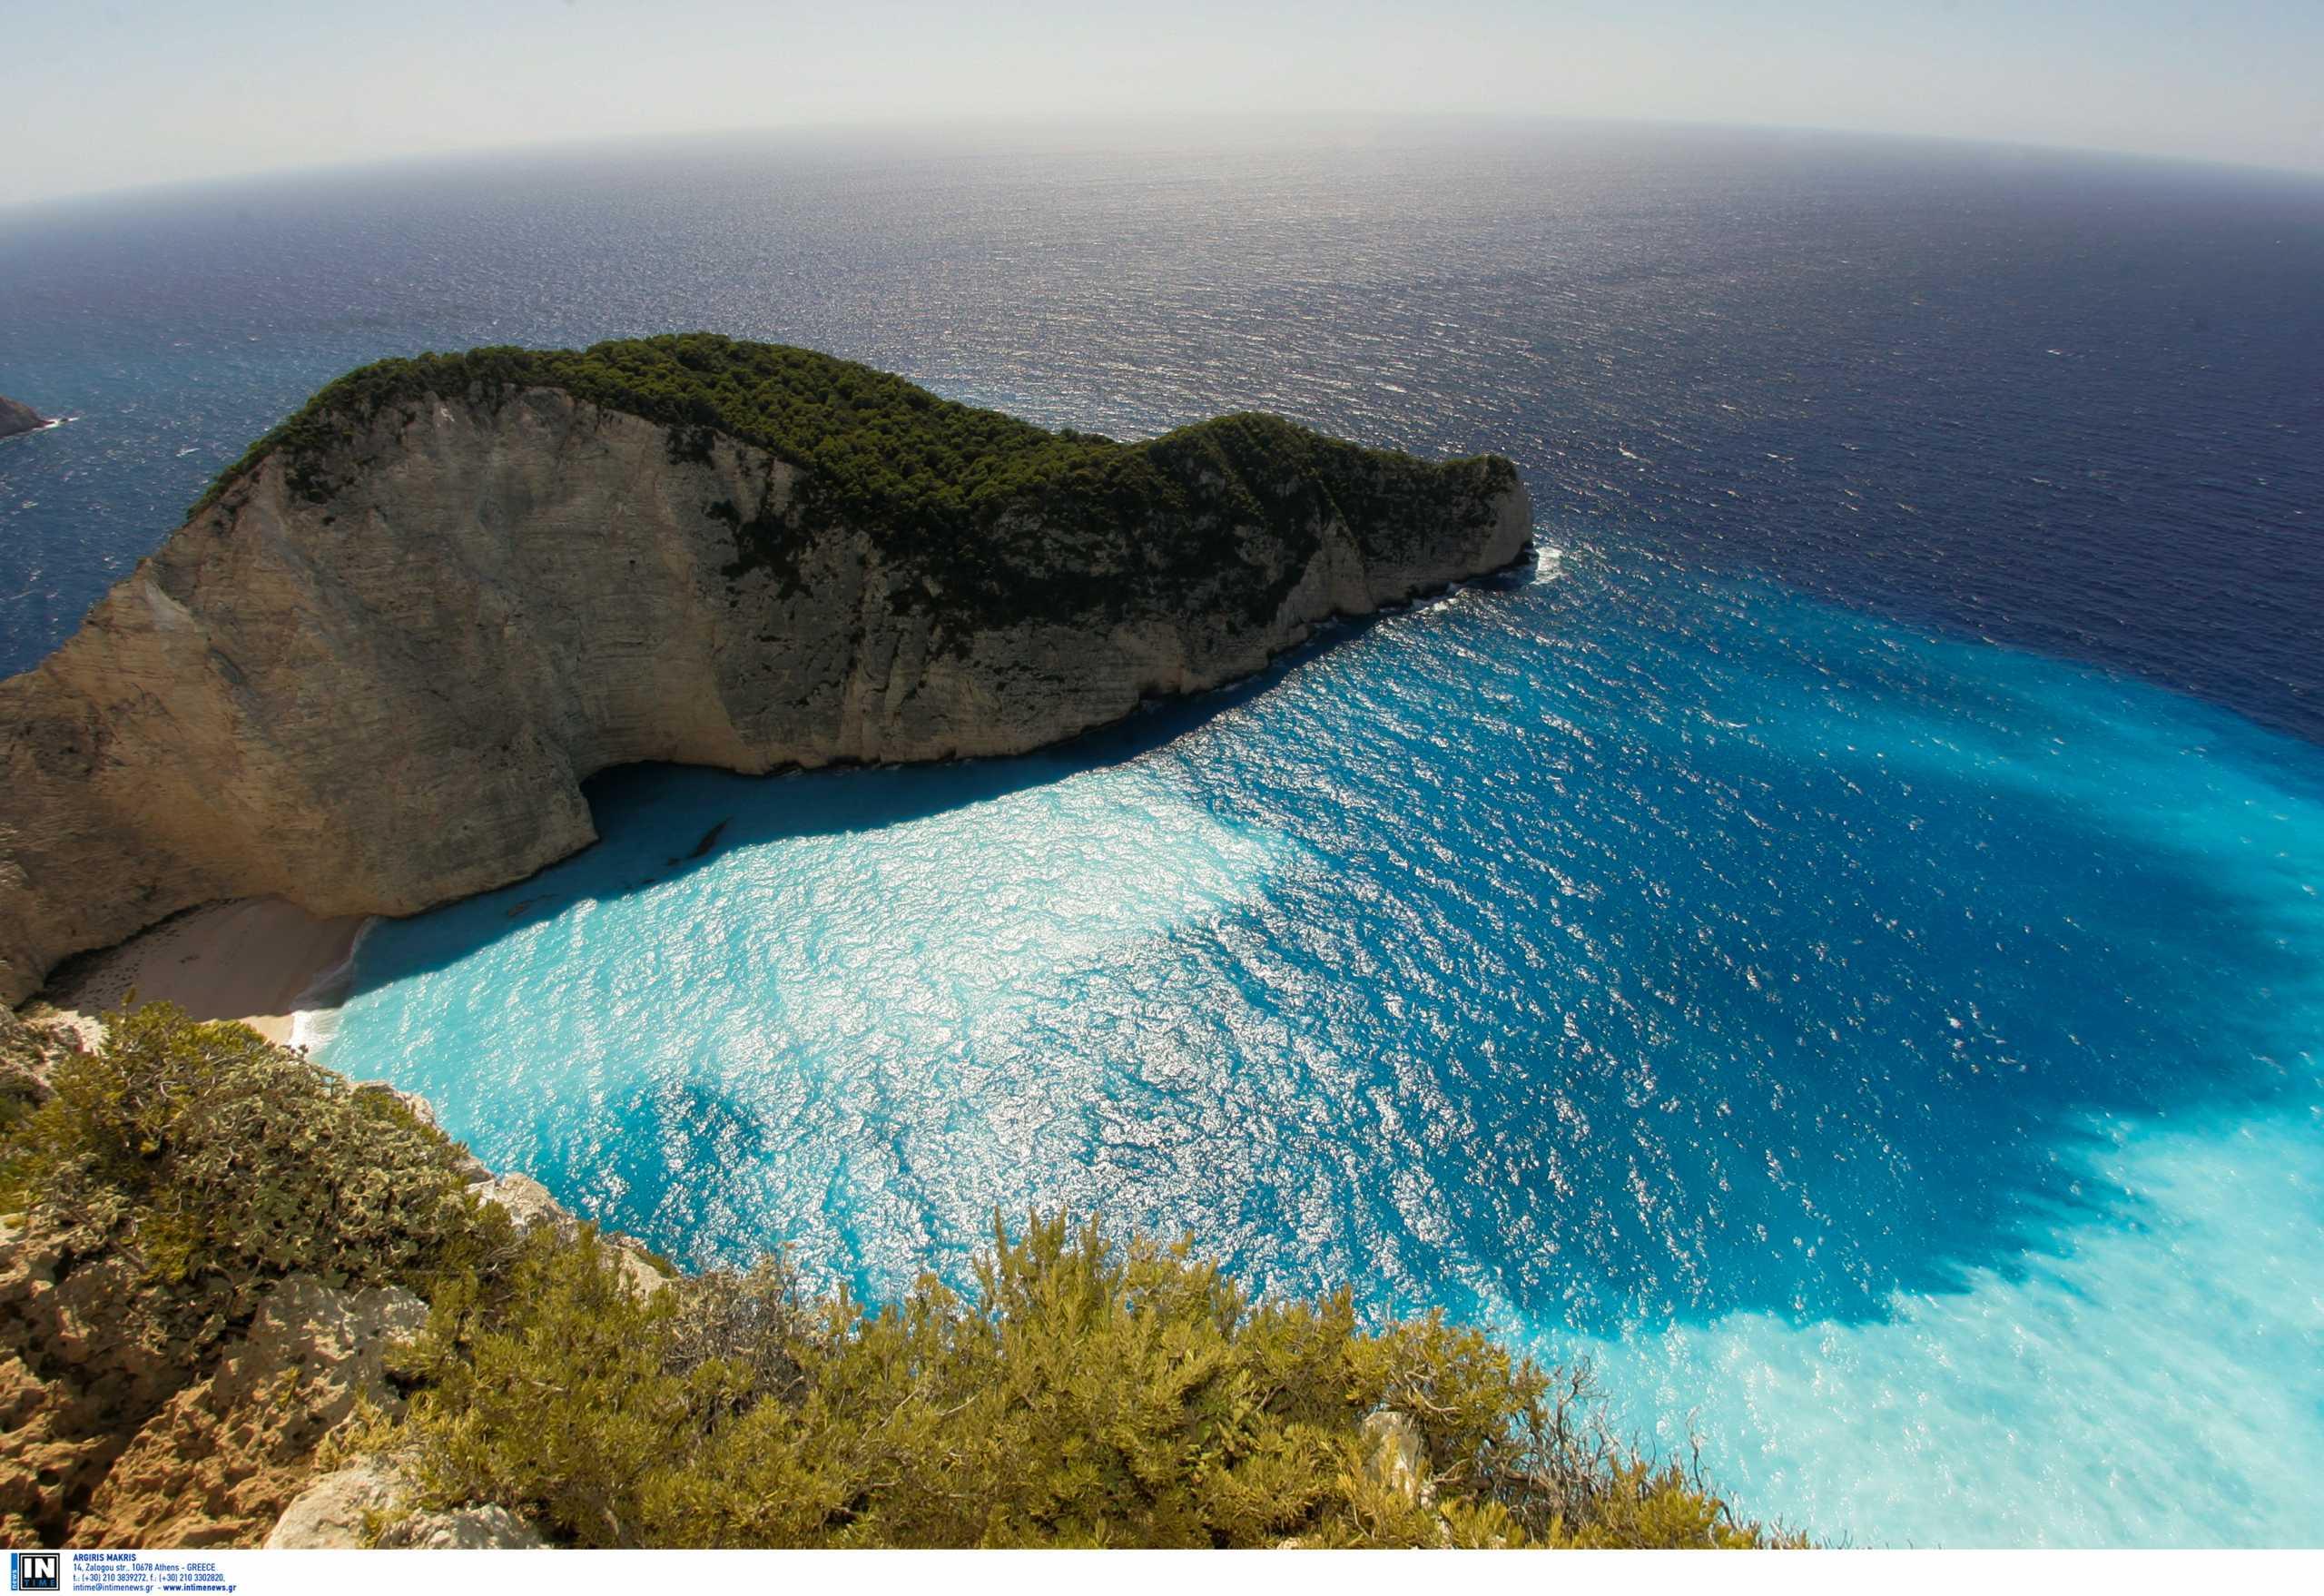 Μυζήθρες: Η ελληνική παραλία με το παράξενο όνομα και γιατί τη λένε έτσι